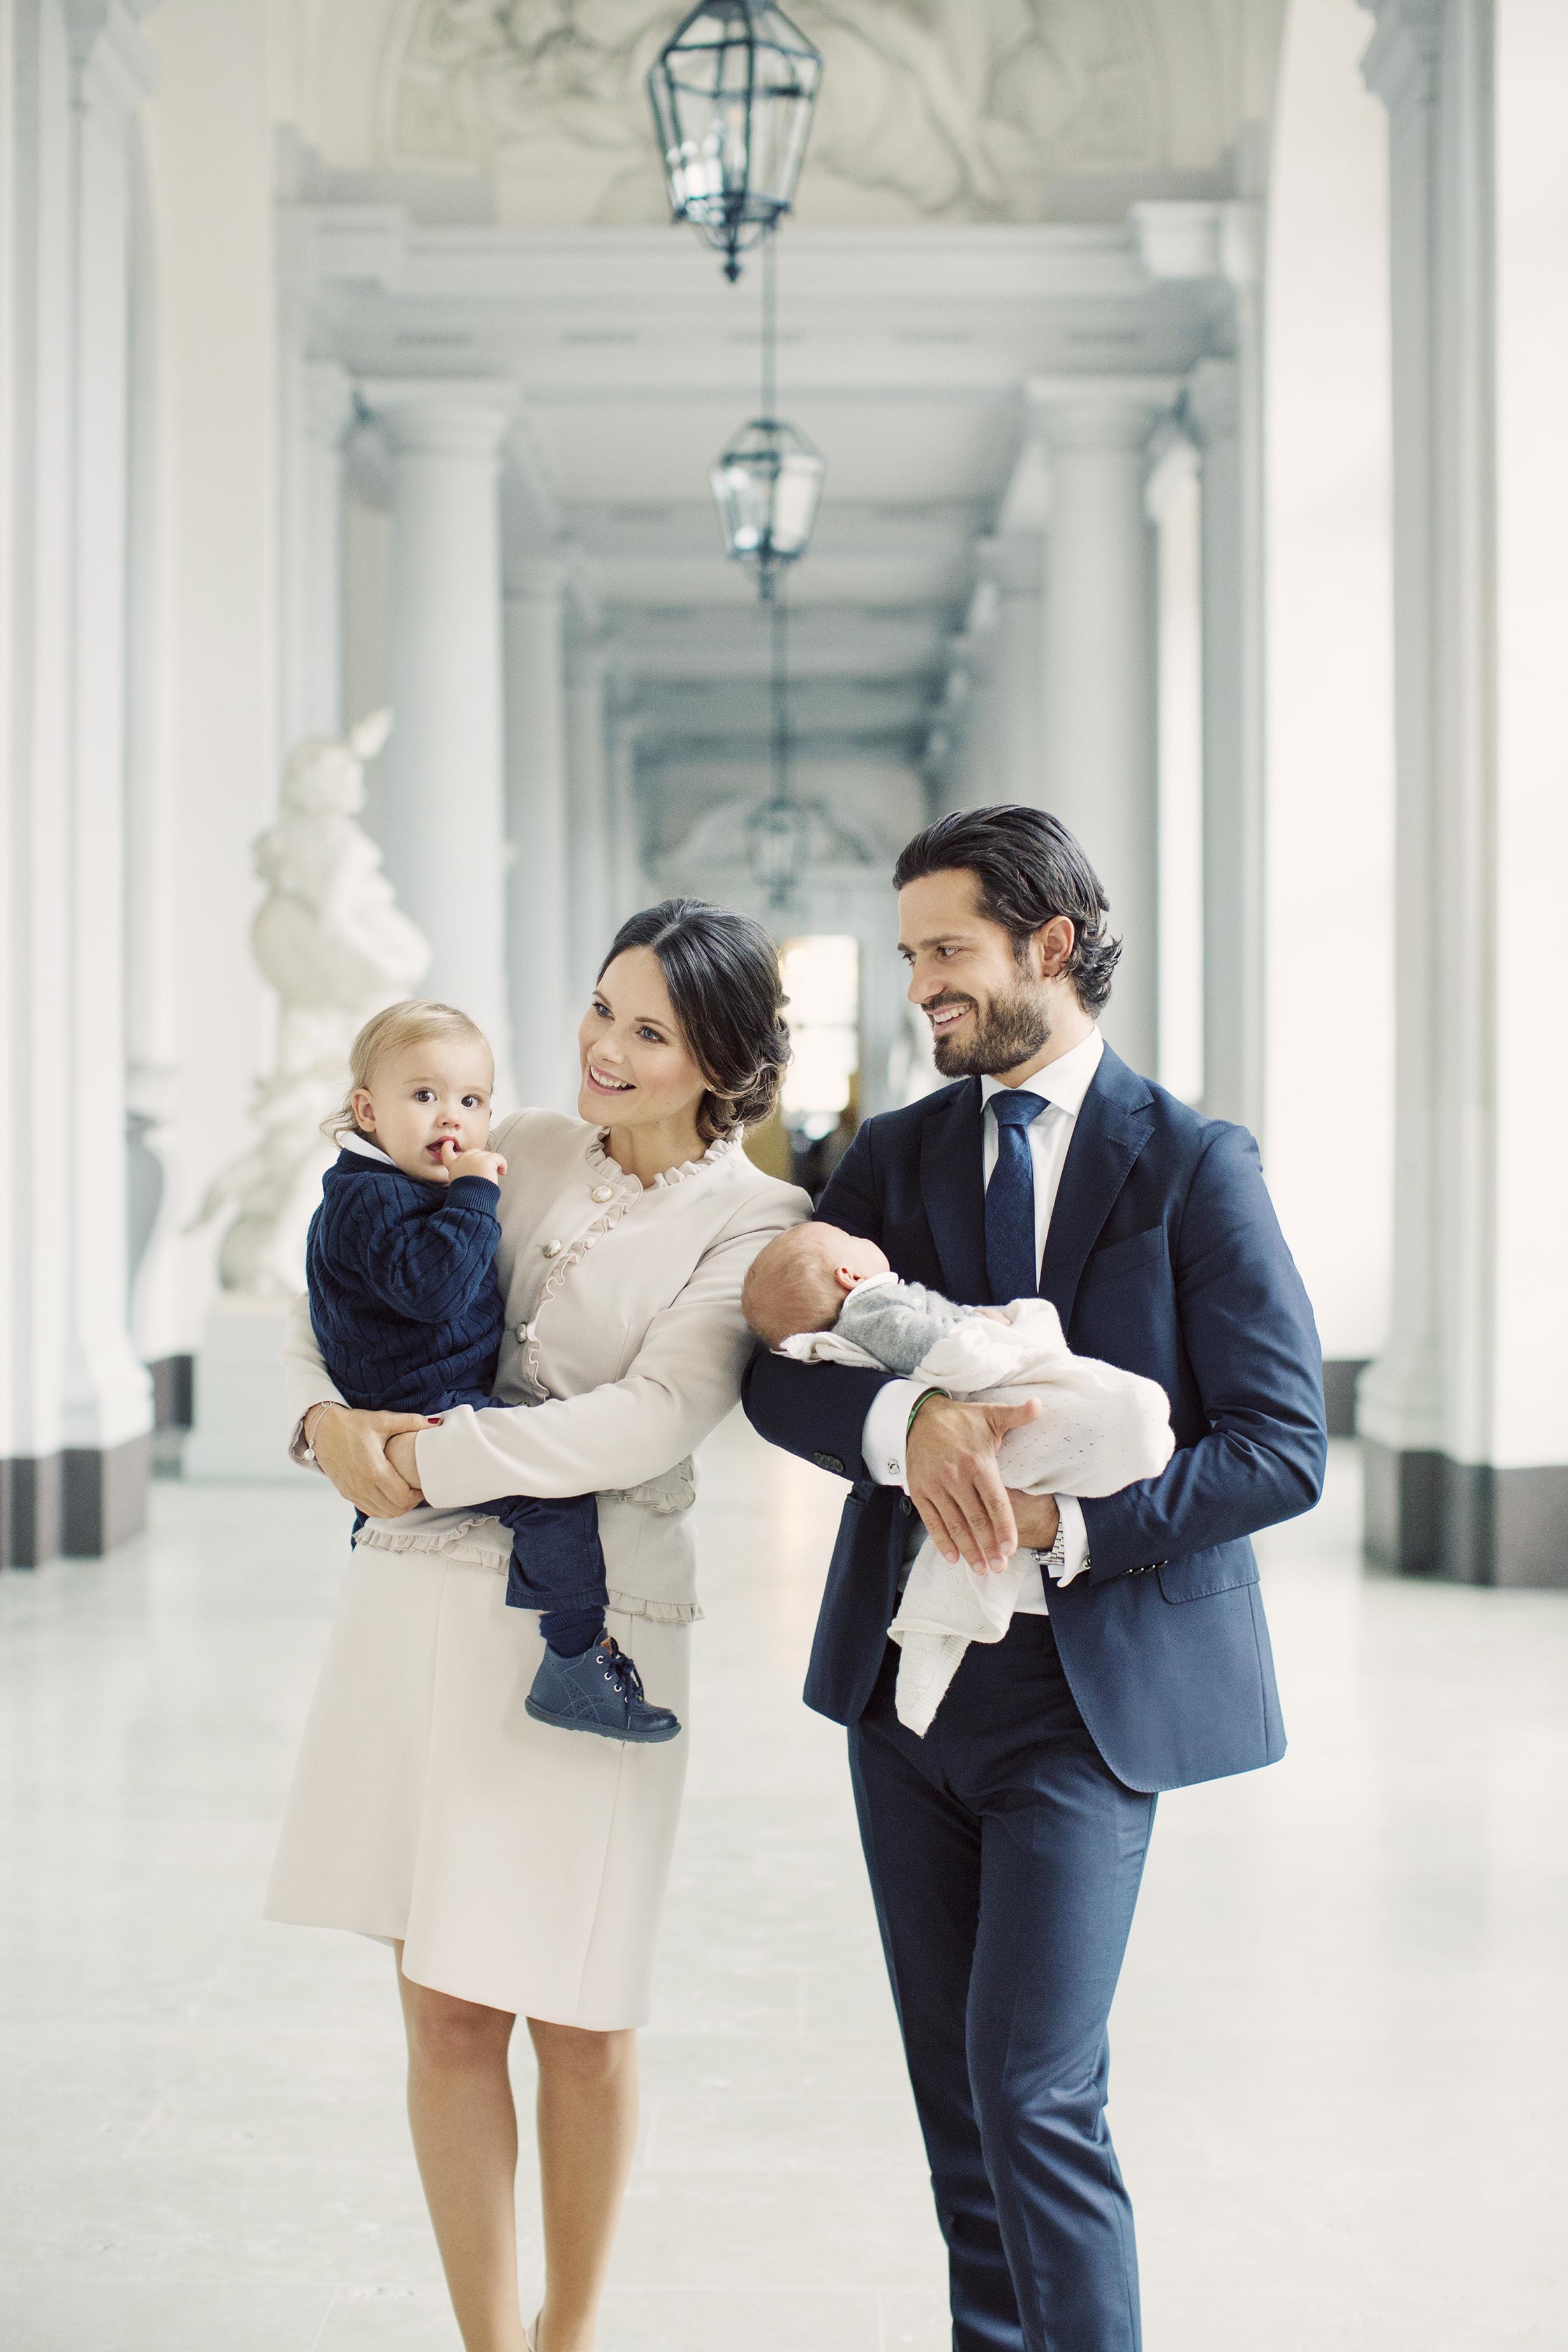 Prinzessin Sofia und Prinz Carl Philip plaudern ehrlich über ihr turbulentes Familienleben   Foto: Kungahuset